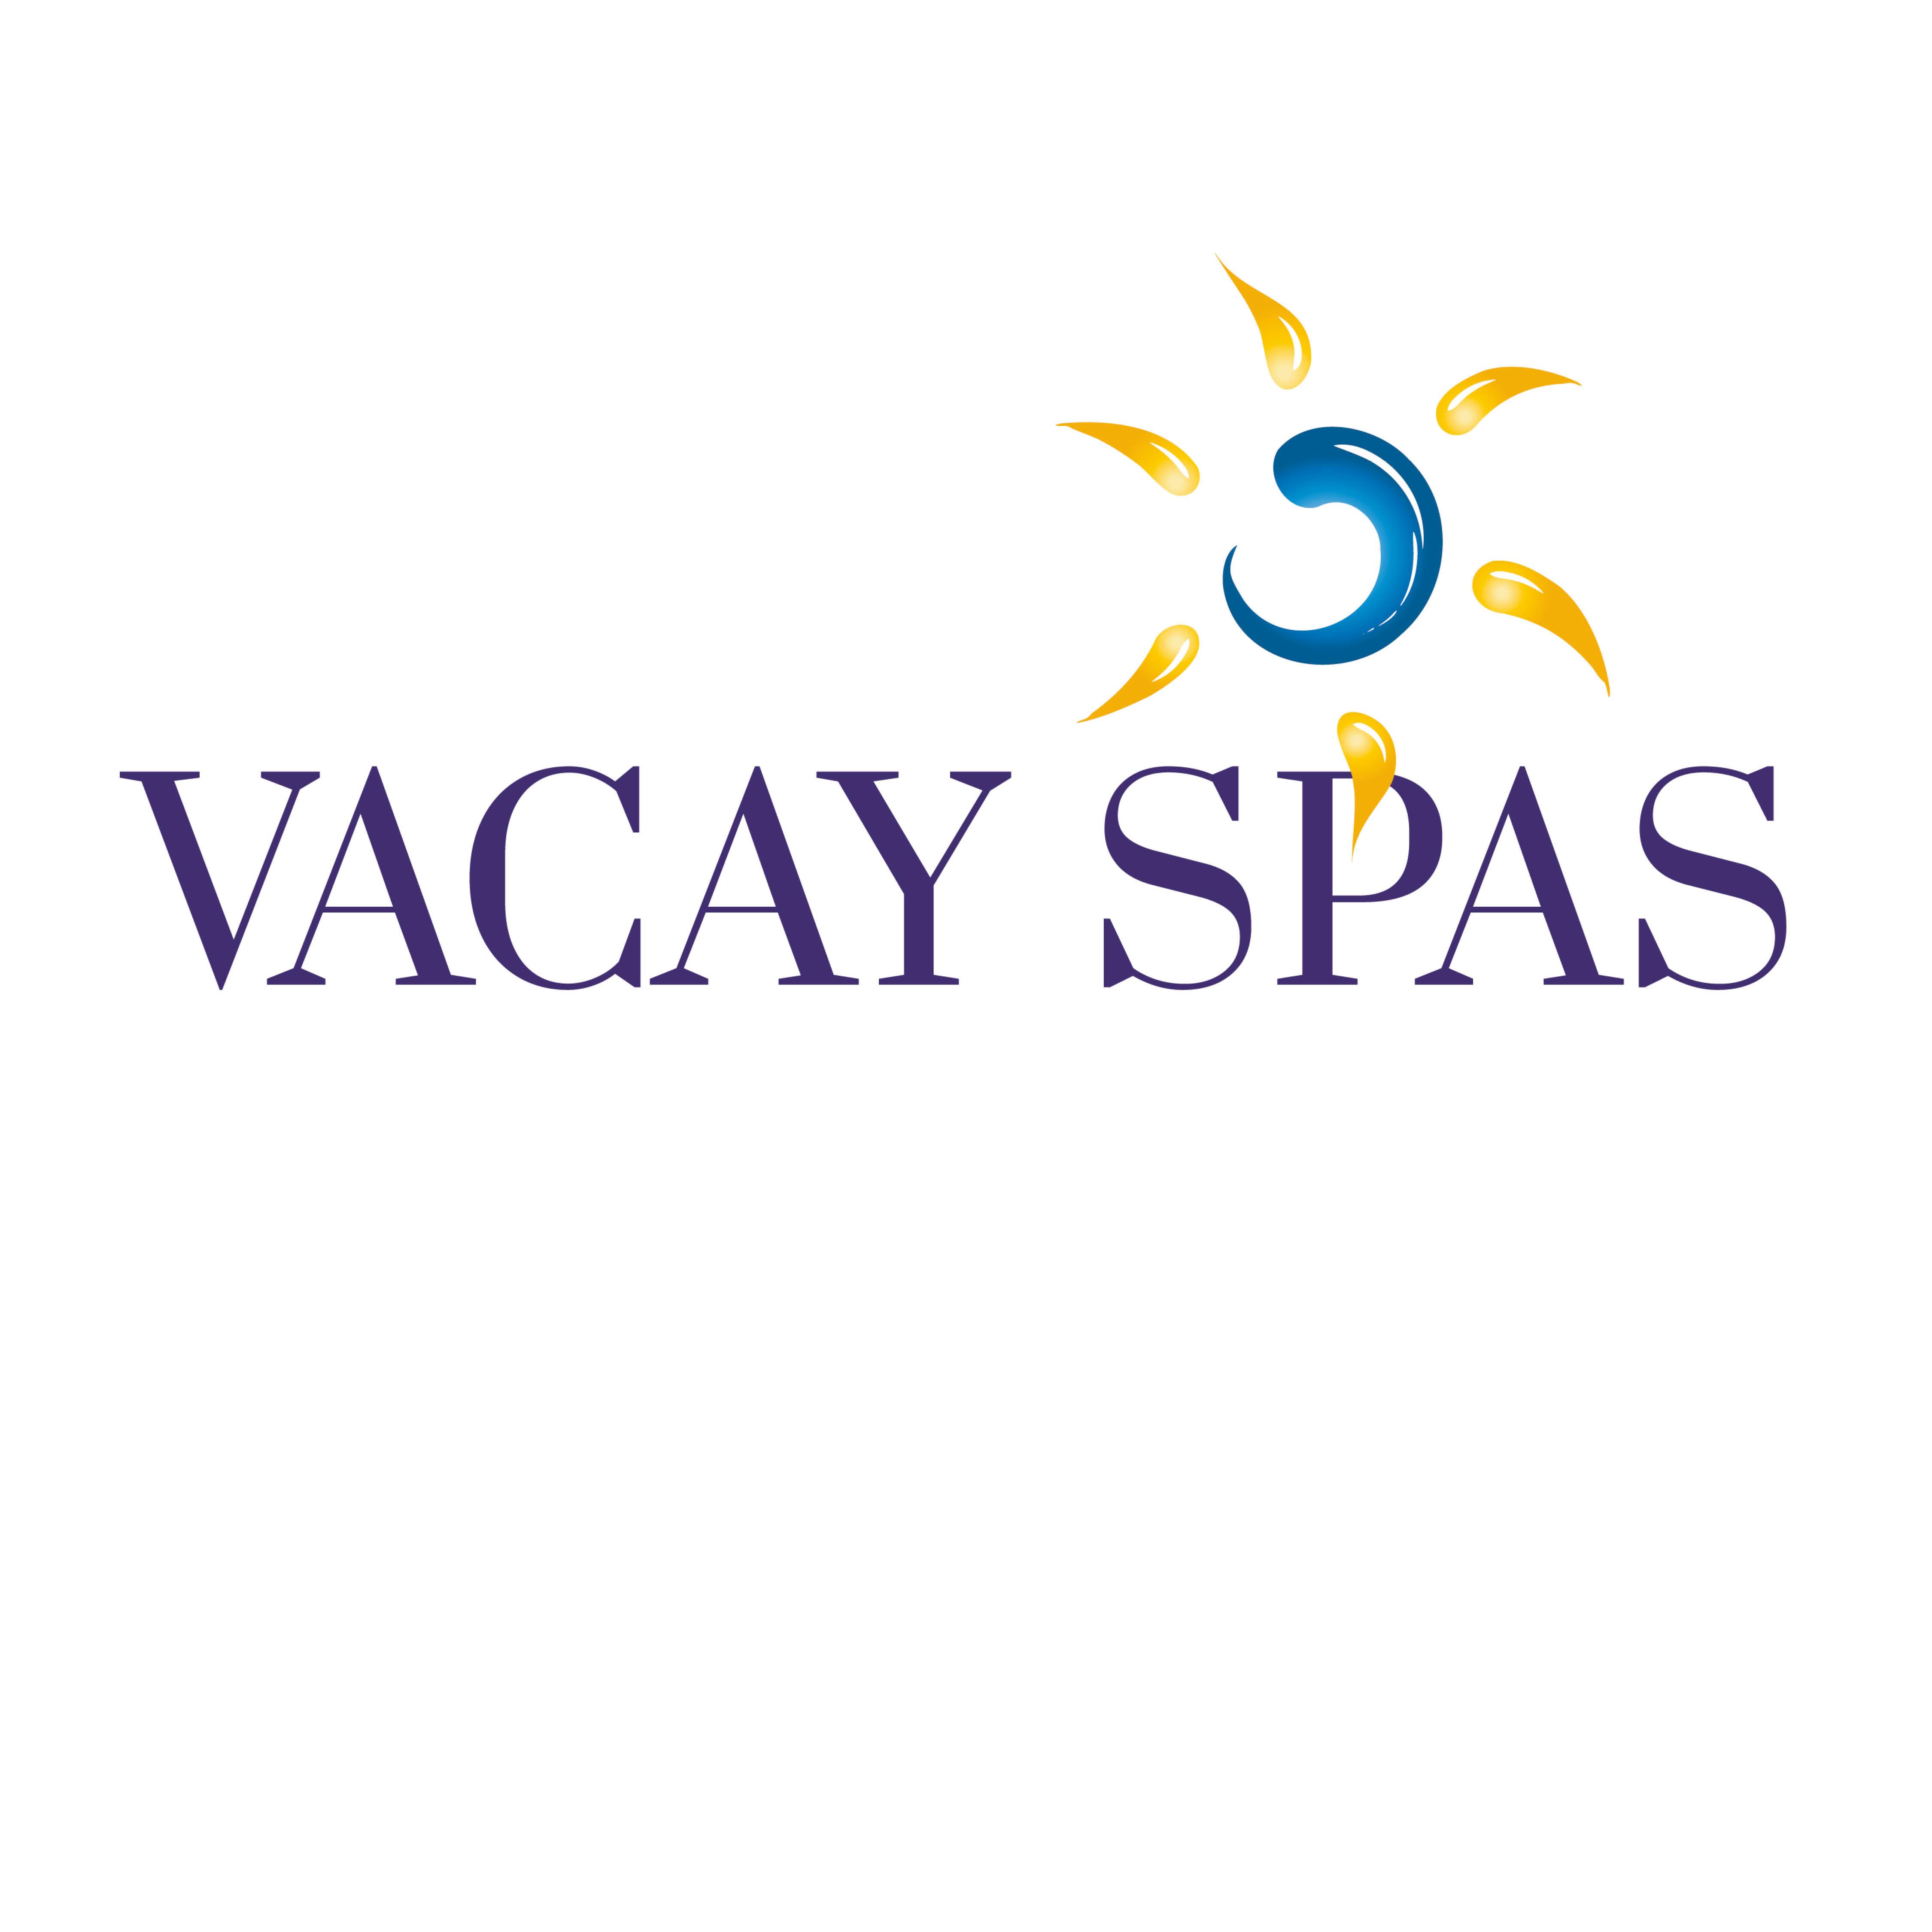 Vacay Spas Parts